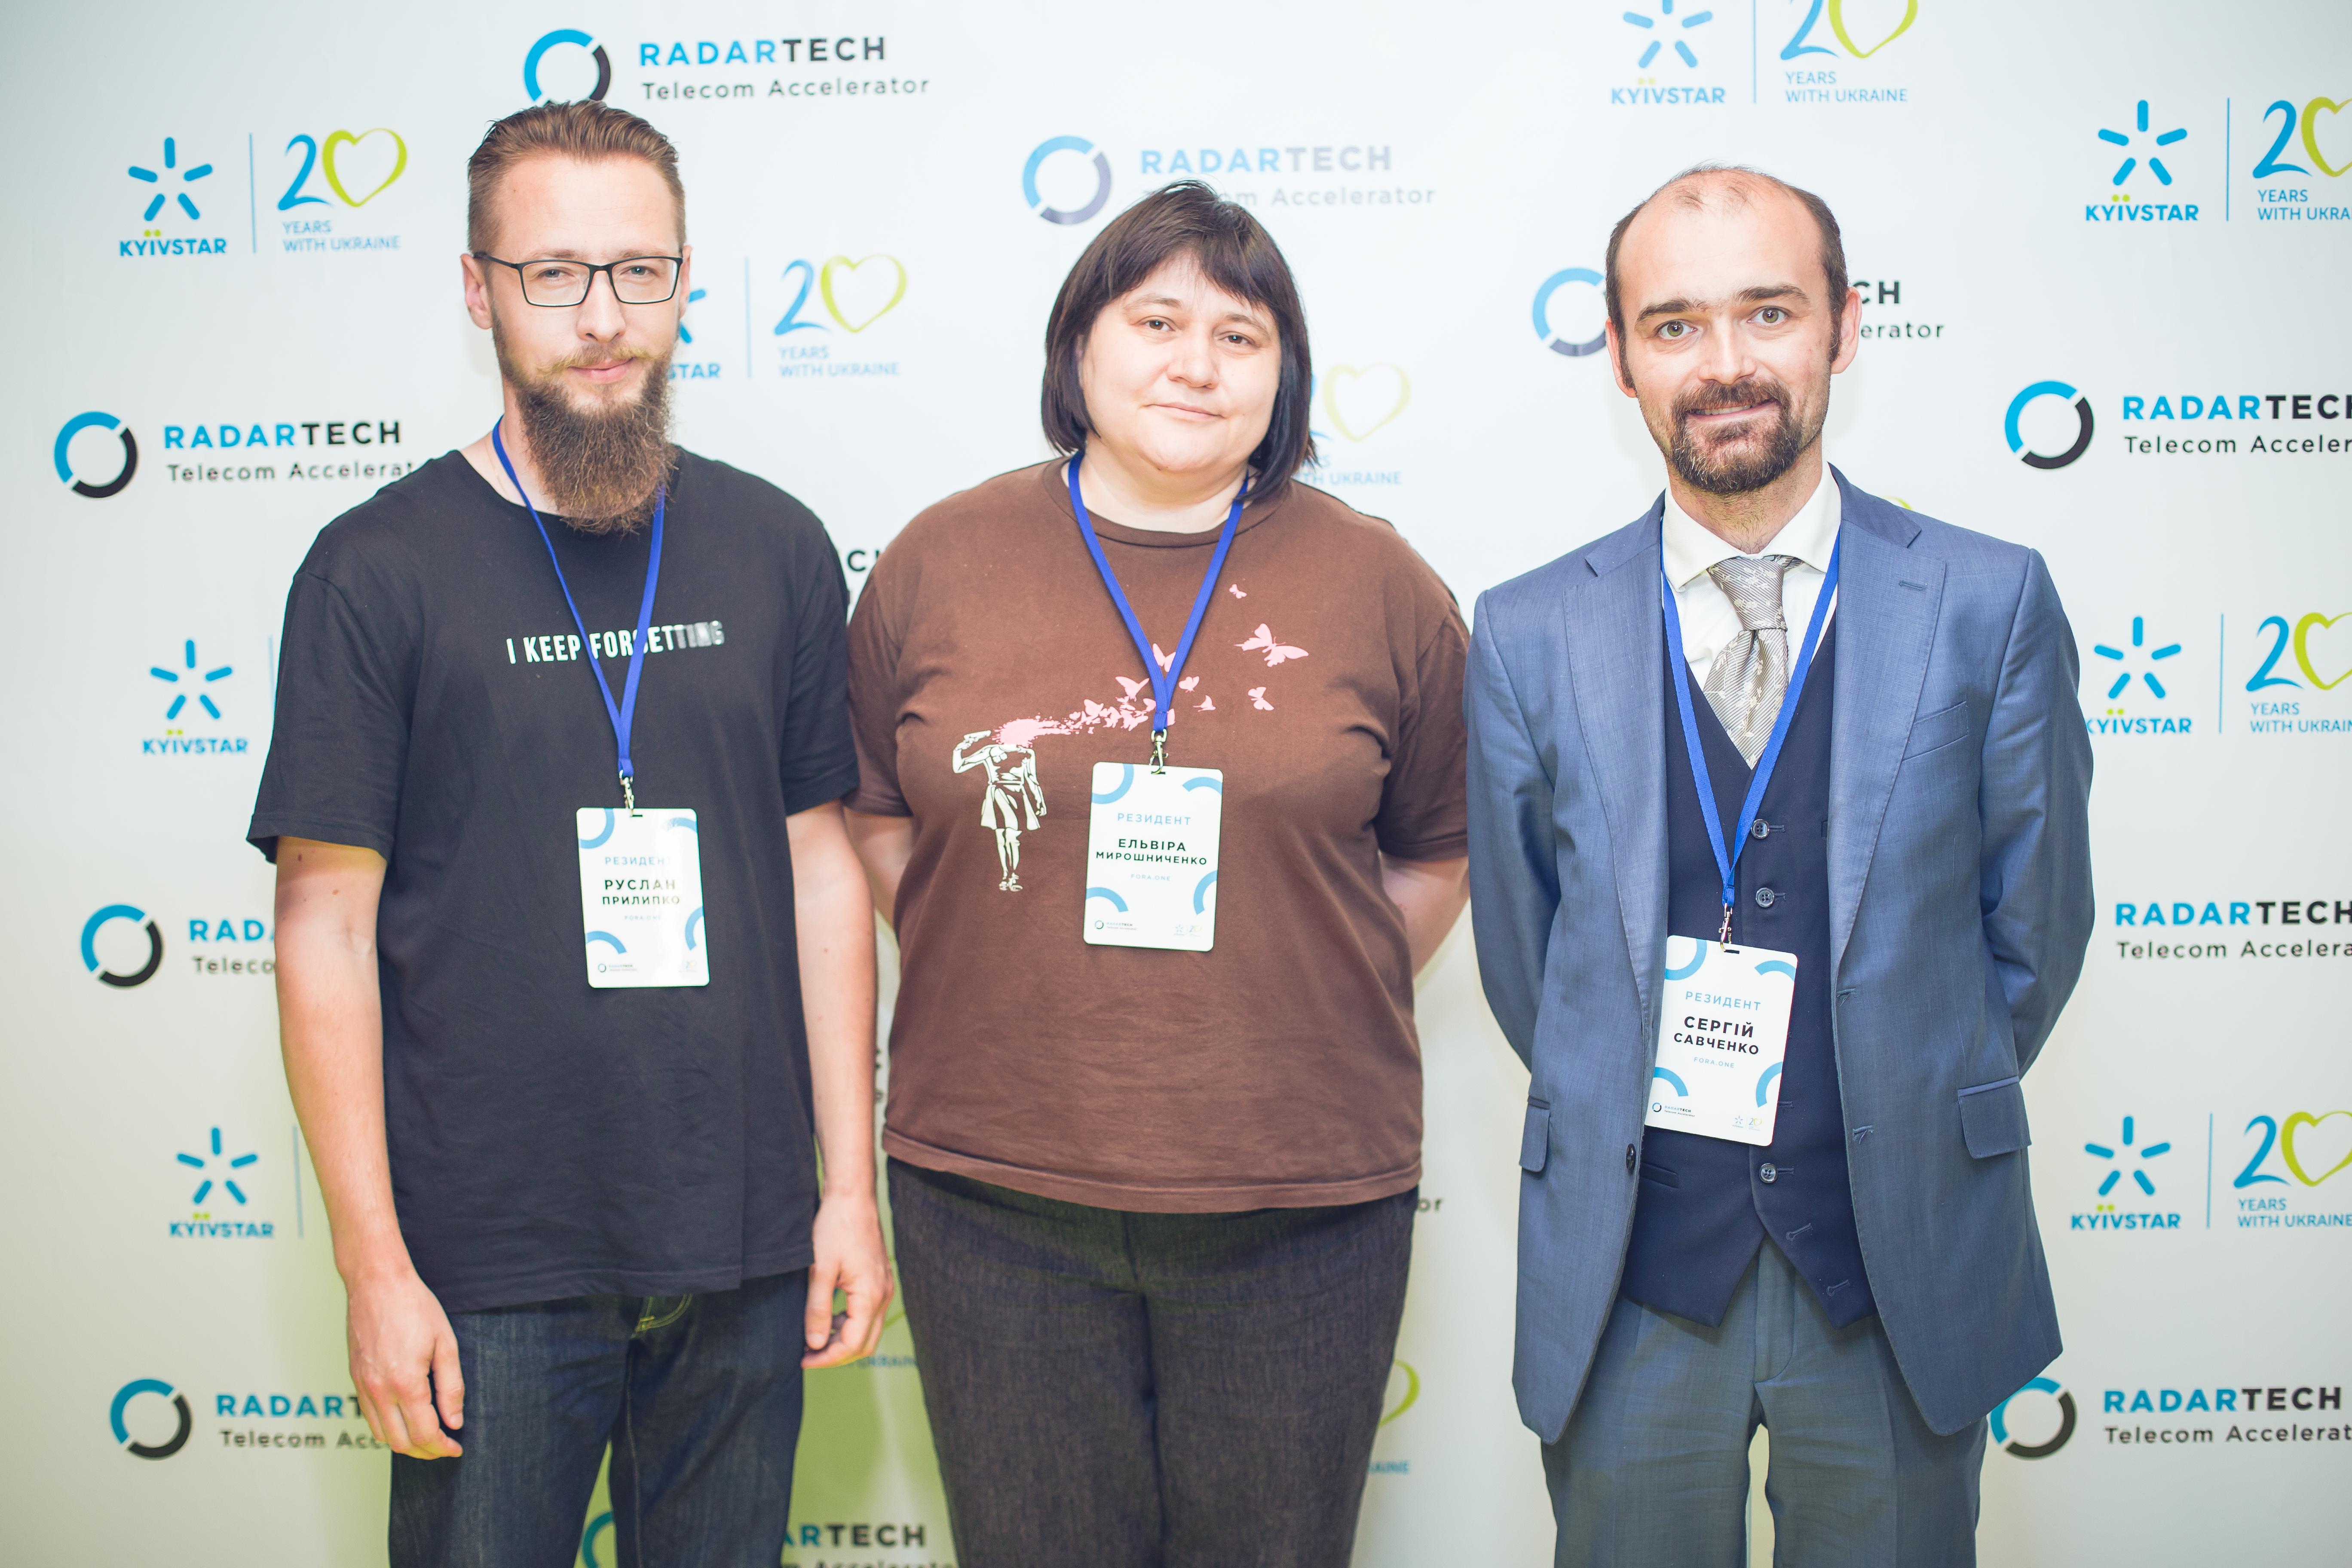 Умный дом в кармане: украинцы будут управлять домом со смартфона   Kyivstar Business Hub изображение №2